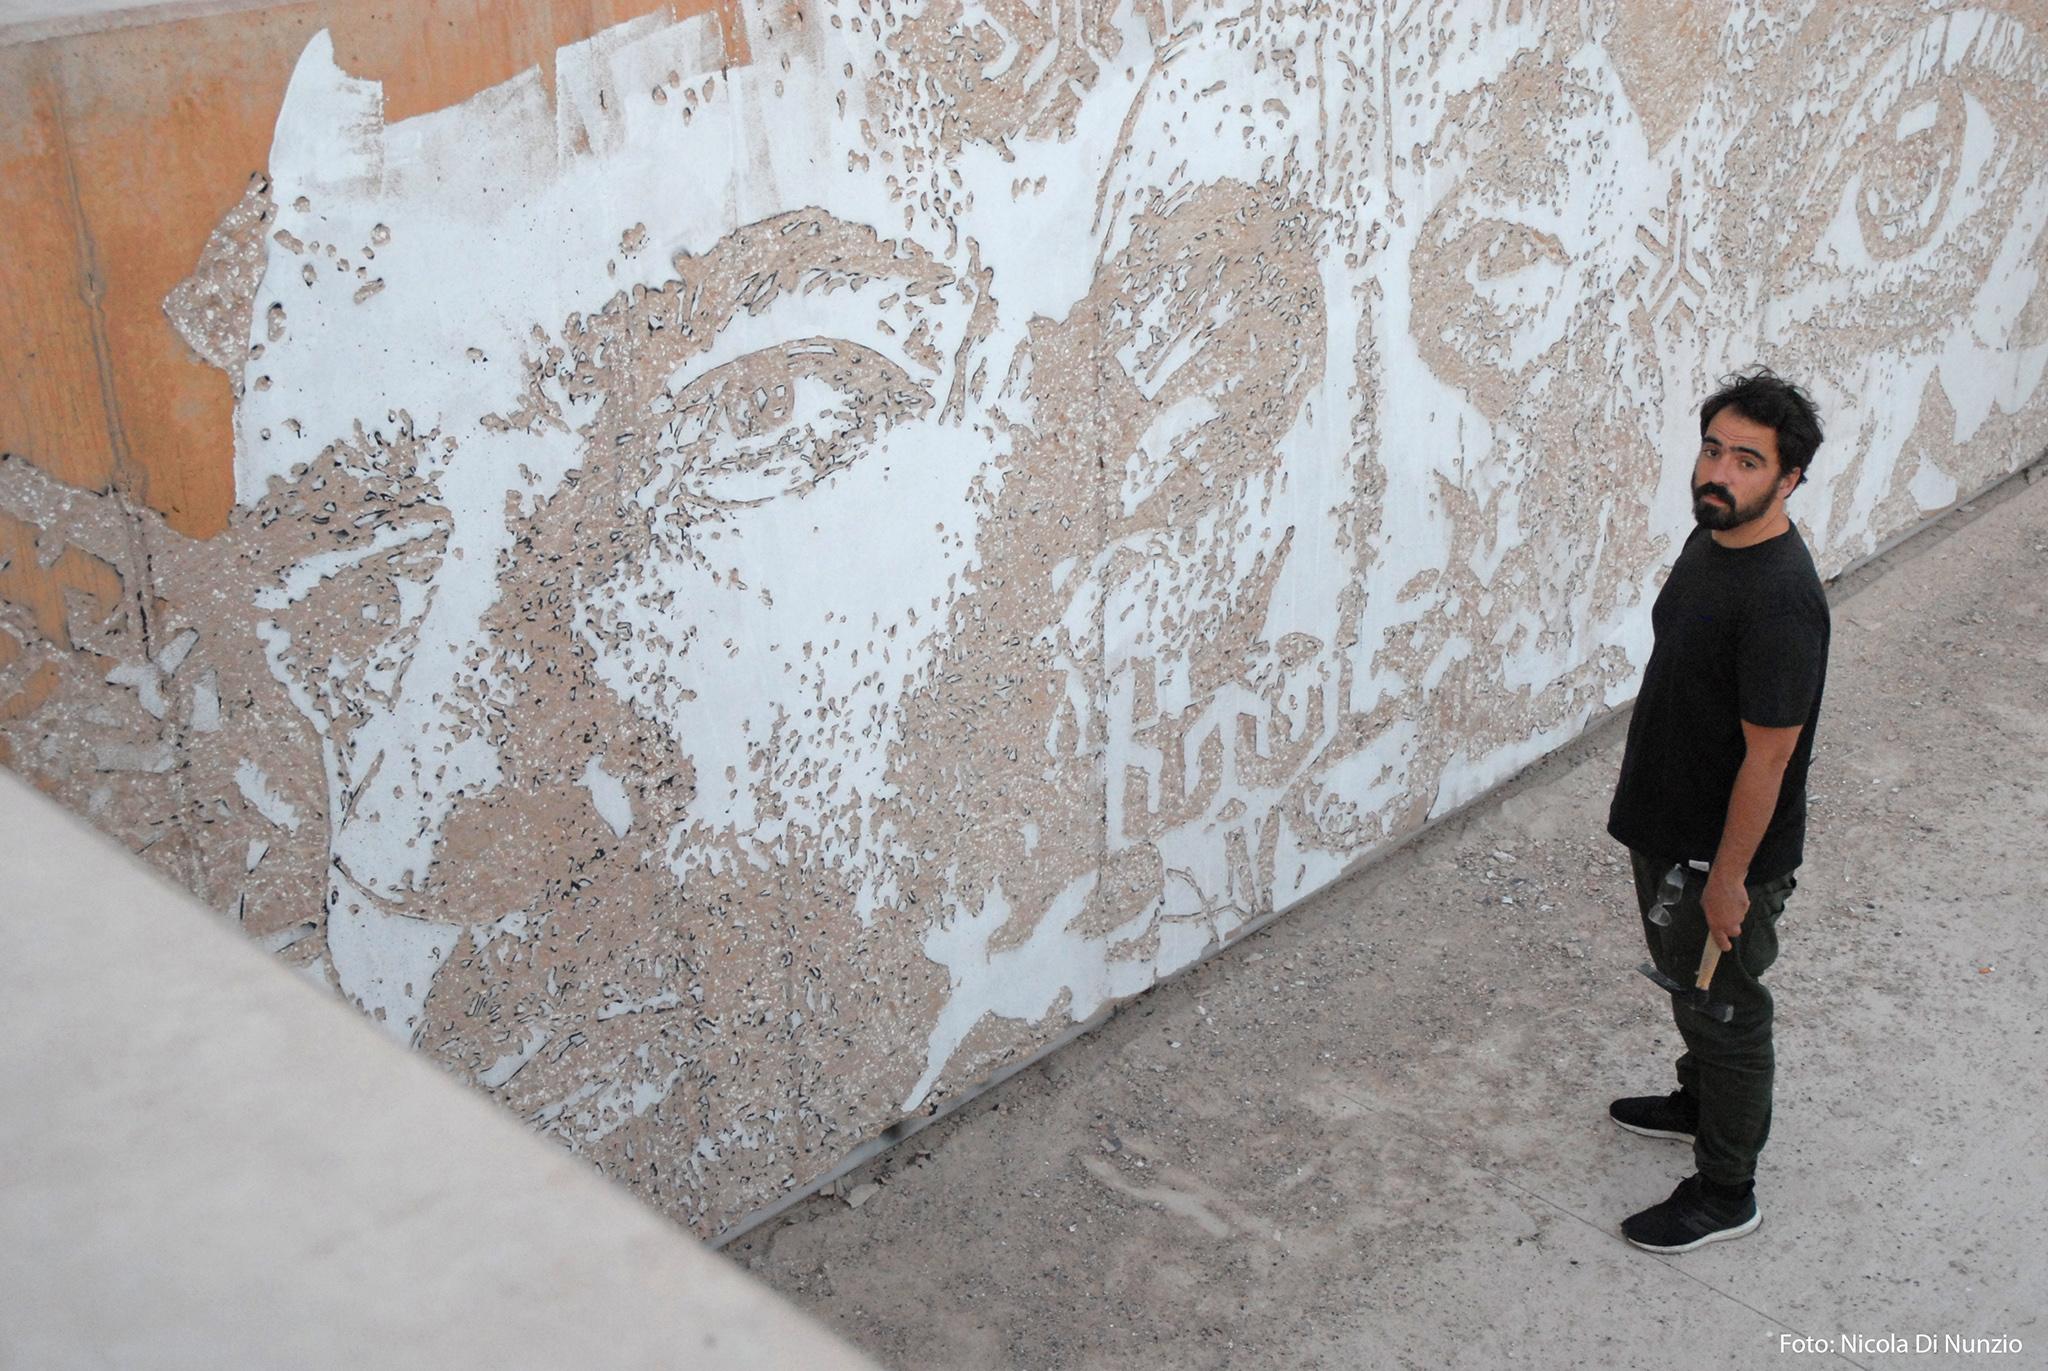 Mostra com seis exposições junta obras de 27 artistas lusófonos e da China